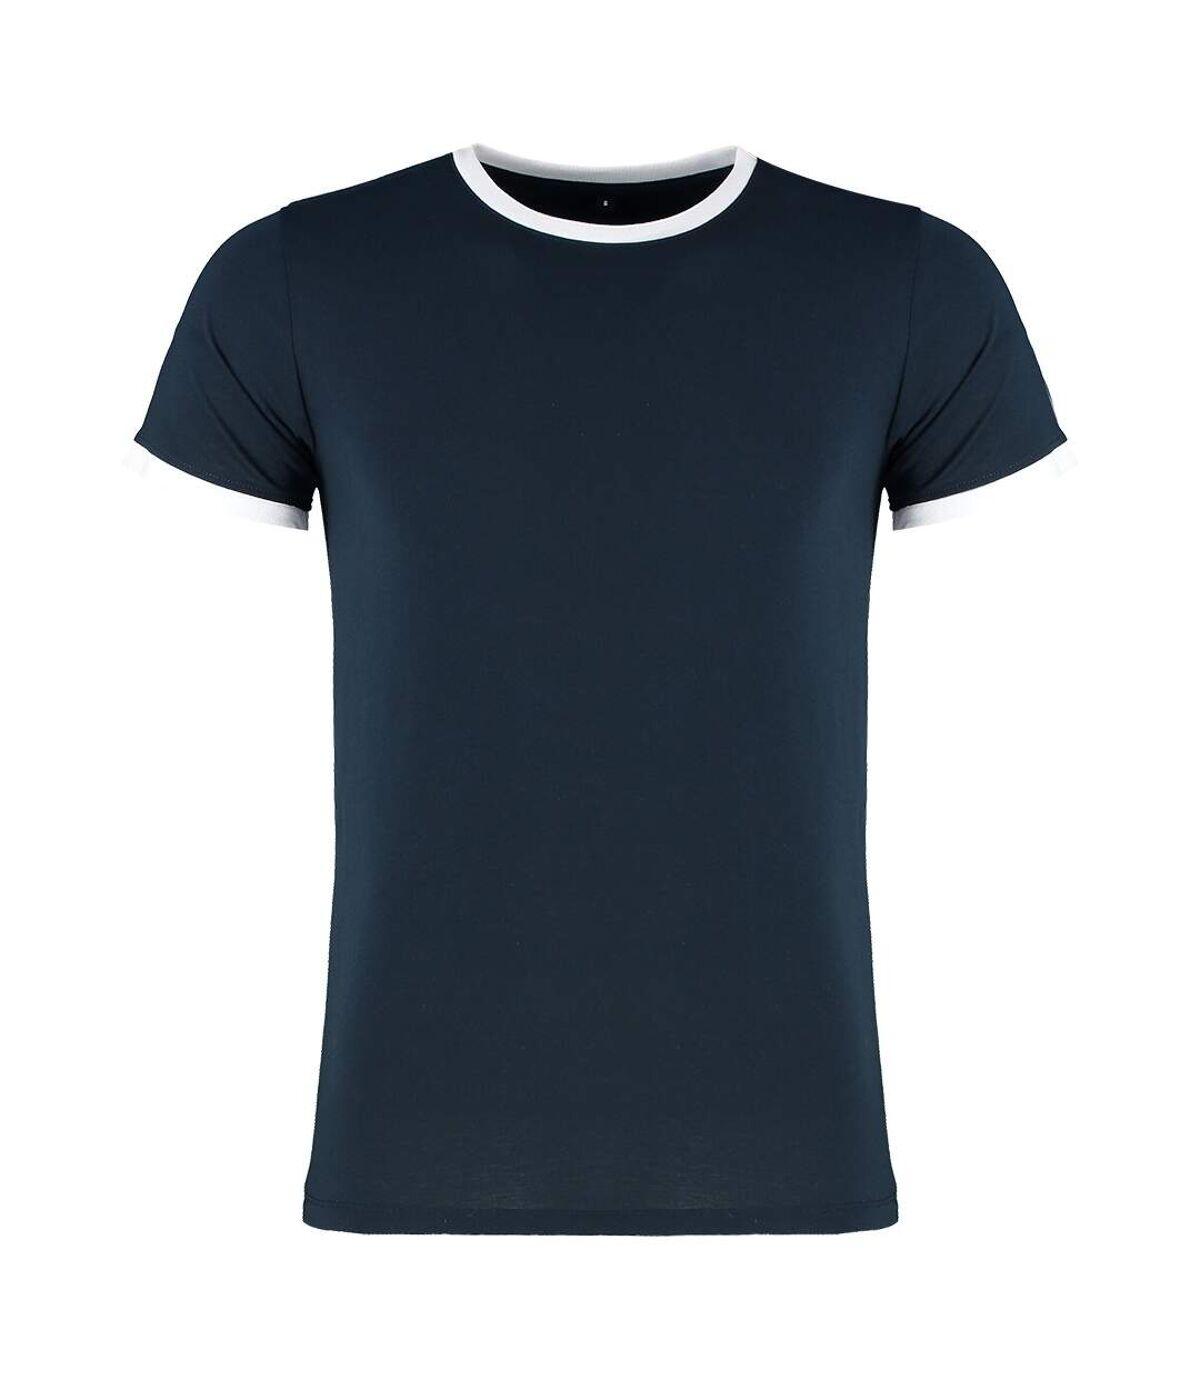 Kustom Kit Mens Fashion Fit Ringer T-Shirt (Navy/White) - UTPC3837